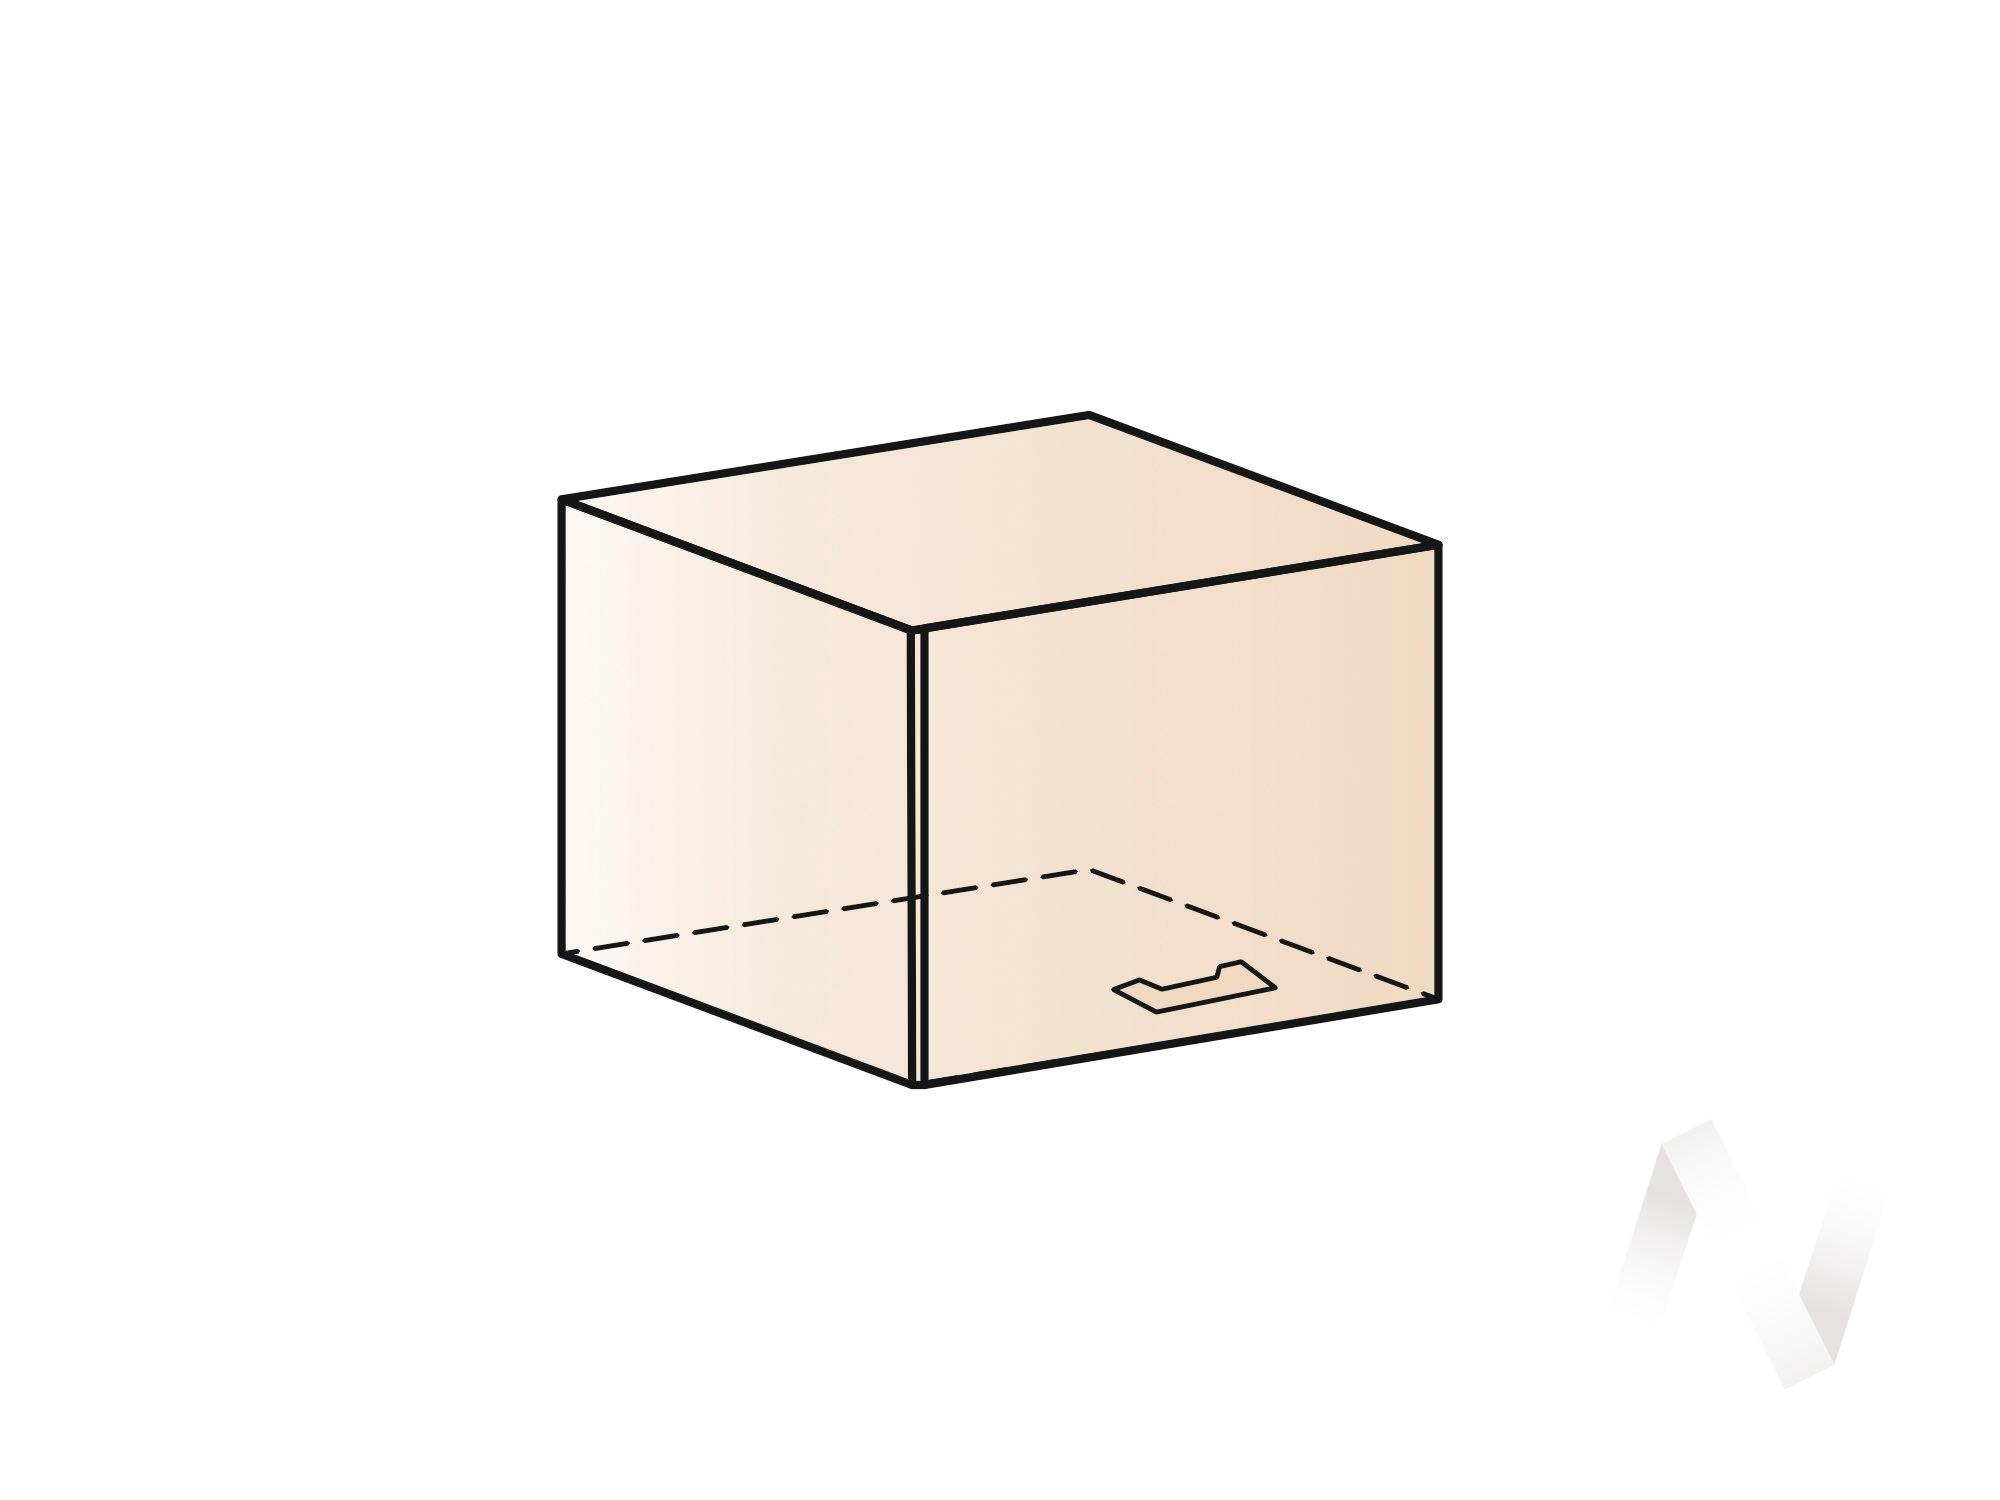 """Кухня """"Люкс"""": Шкаф верхний горизонтальный 500, ШВГ 500 (Шелк жемчуг/корпус белый) в Томске — авторская мебель Экостиль"""